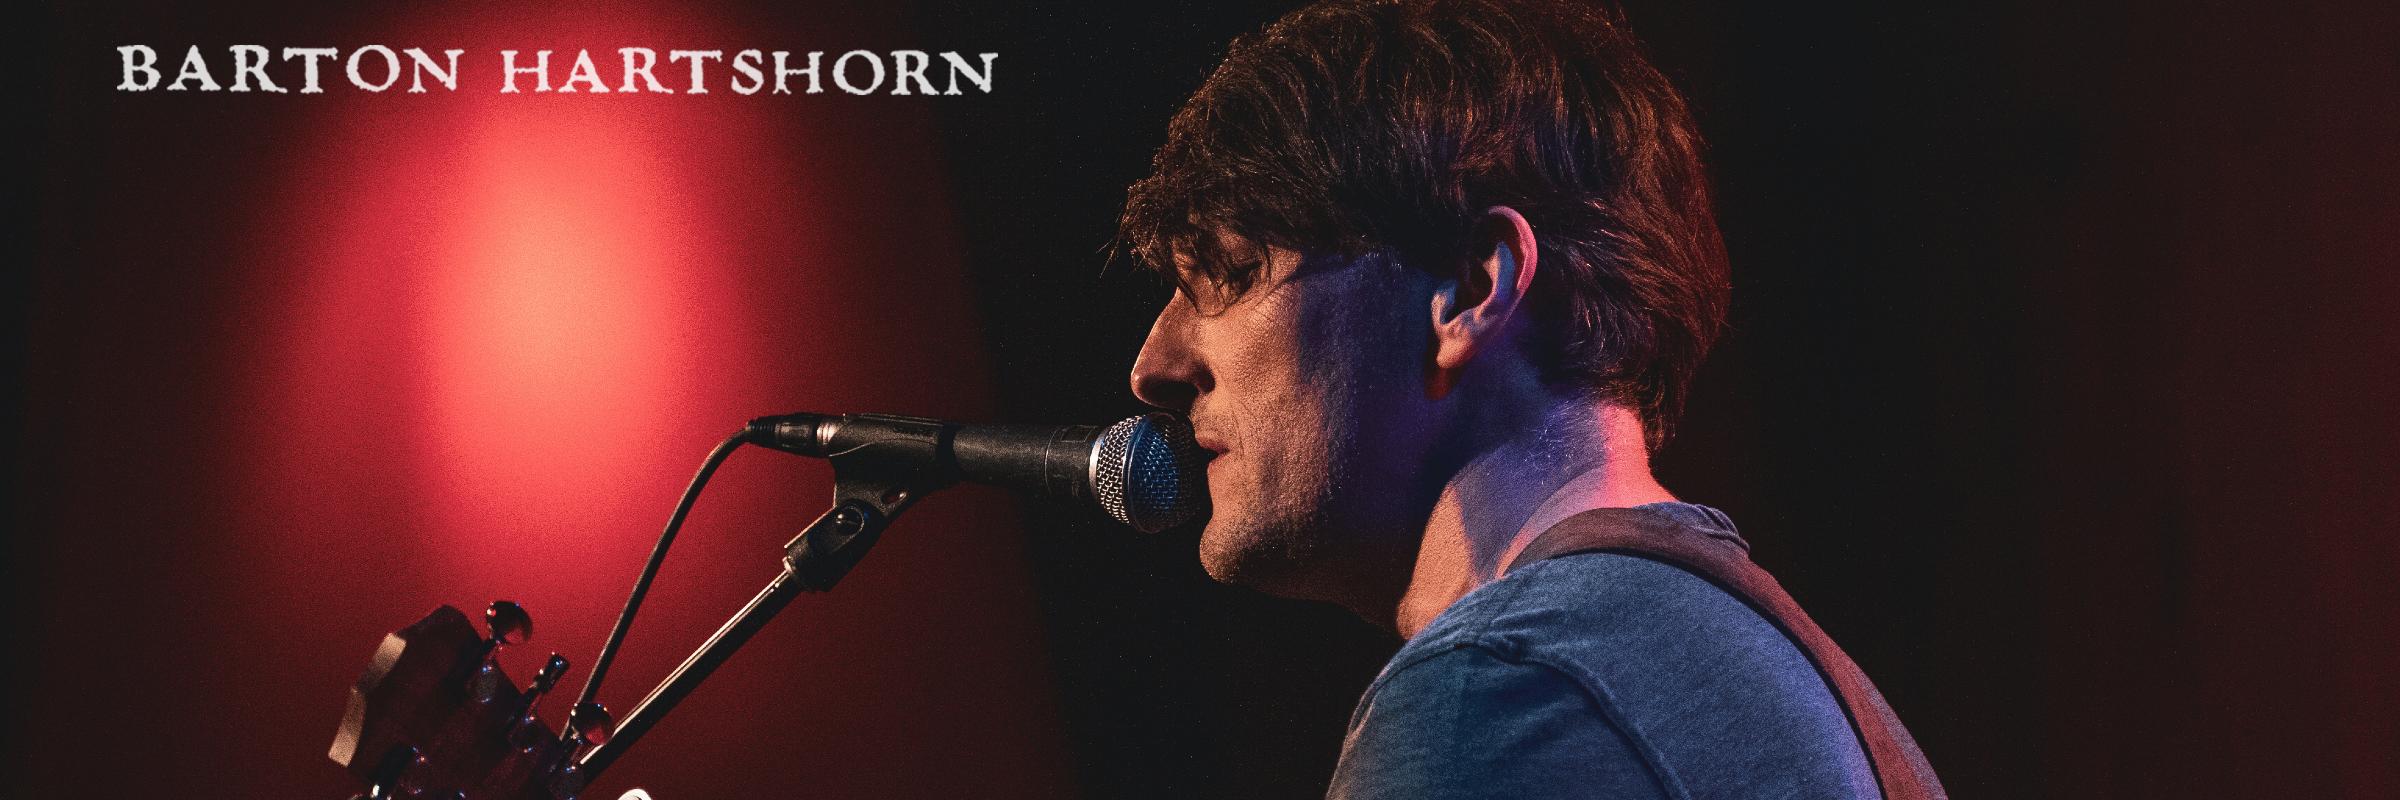 Barton Hartshorn, musicien Chanteur en représentation à Paris - photo de couverture